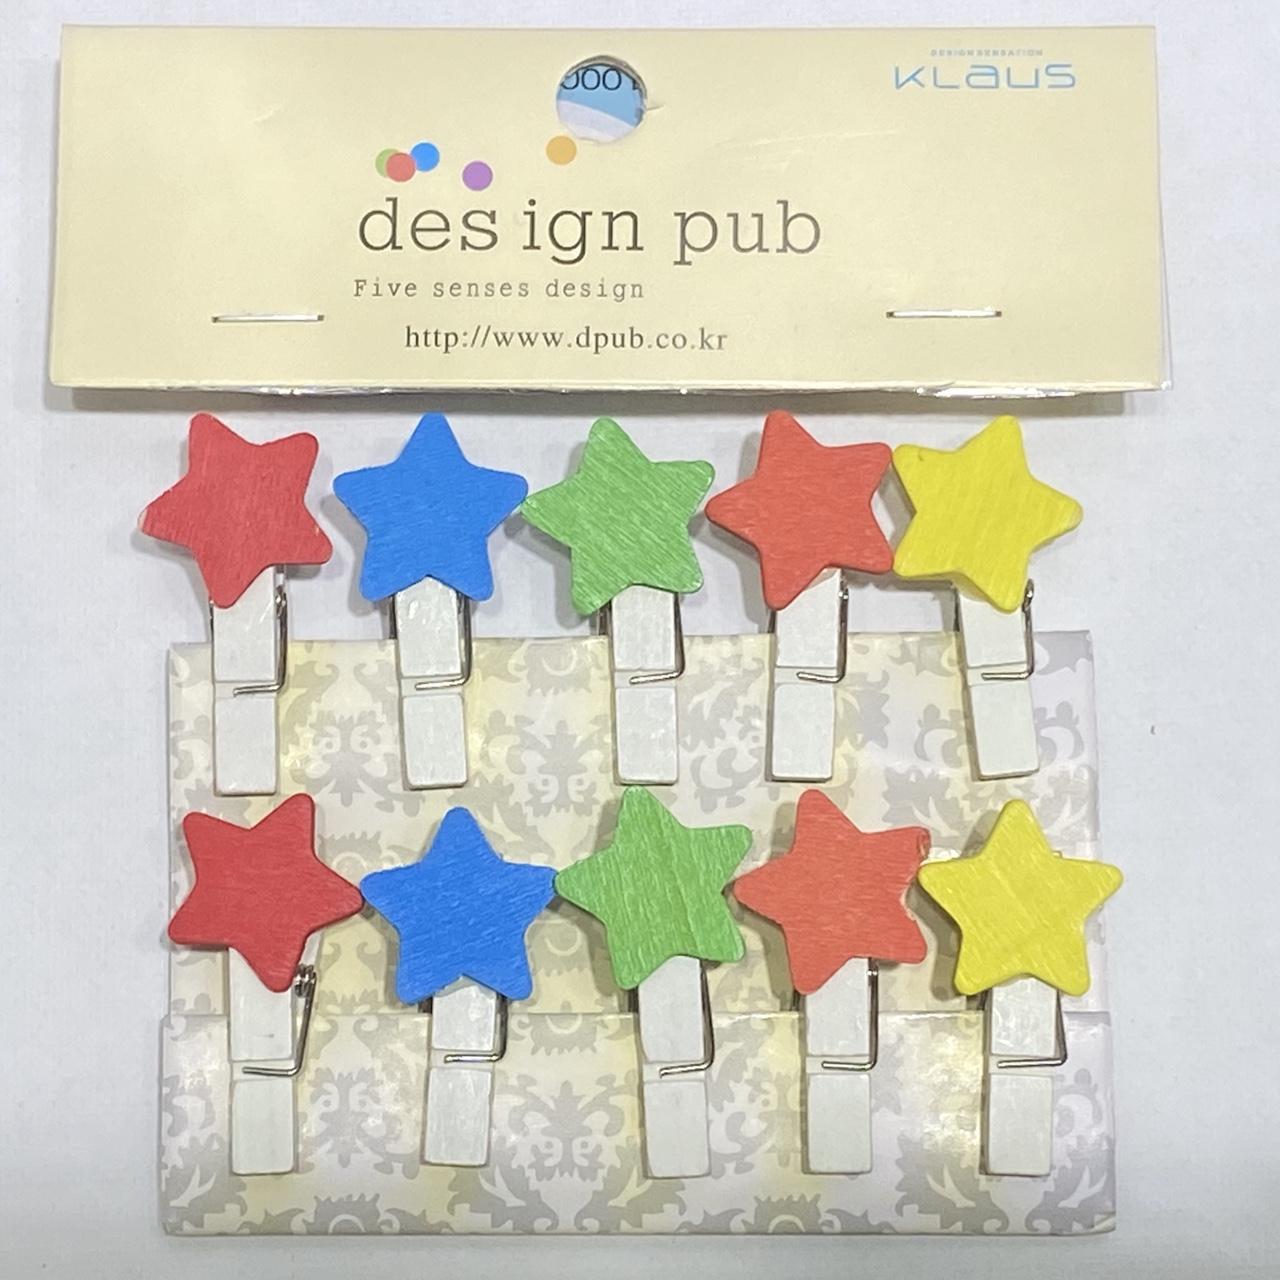 10个装彩色五角星⭐️木质小夹子小木夹家居日用照片夹卡通相片夹麻绳套装